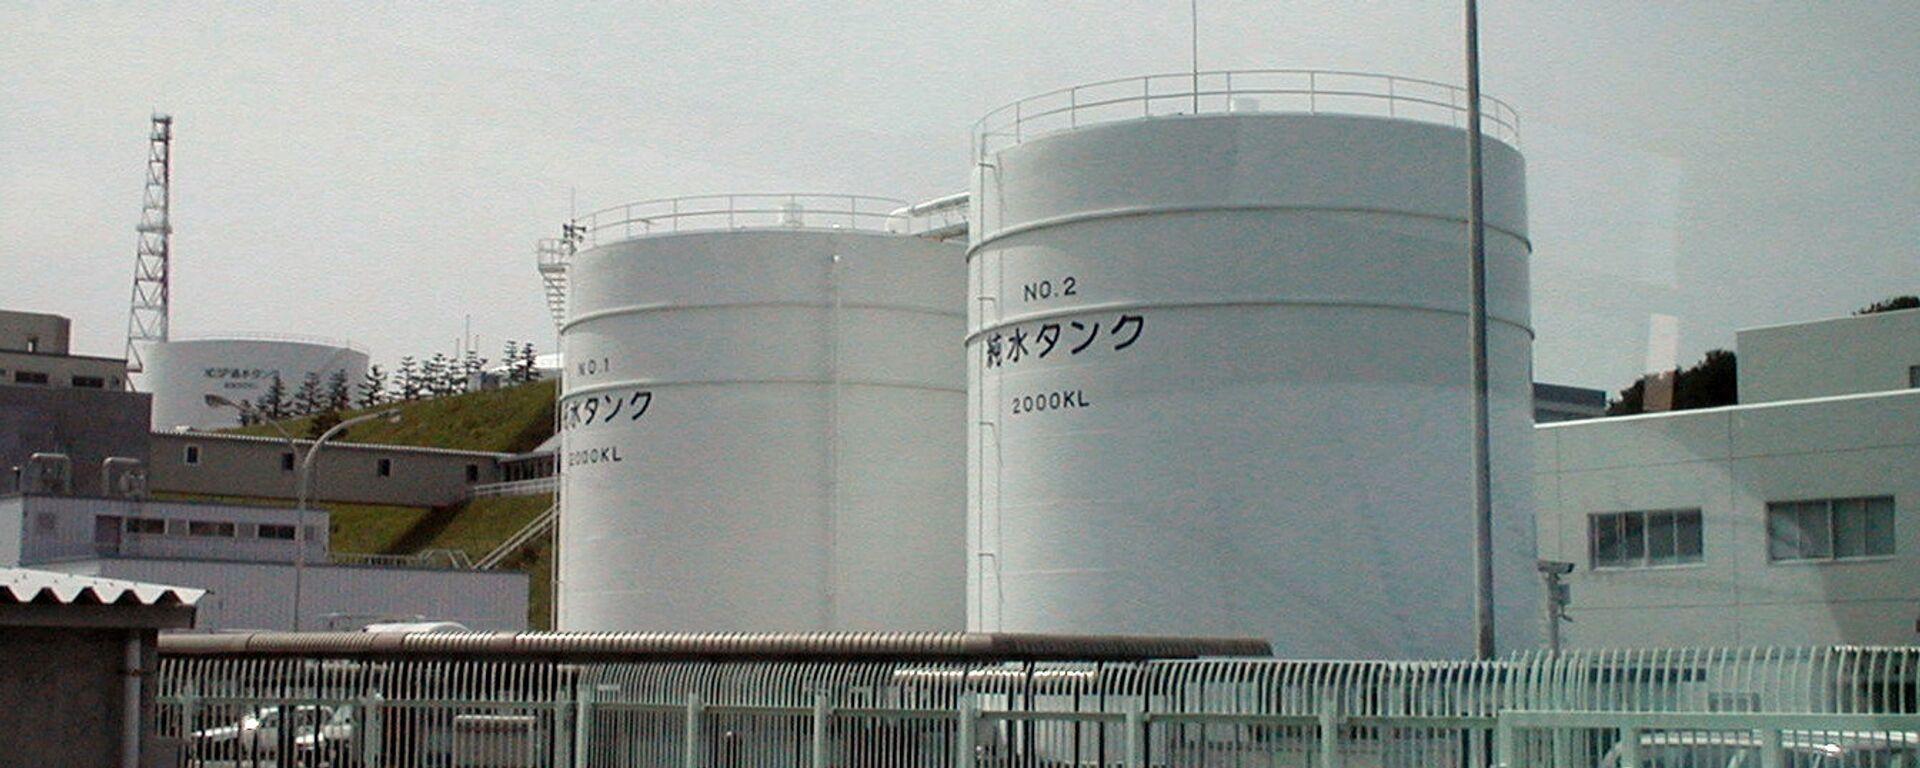 La planta japonesa de Fukushima. - Sputnik Mundo, 1920, 13.04.2021